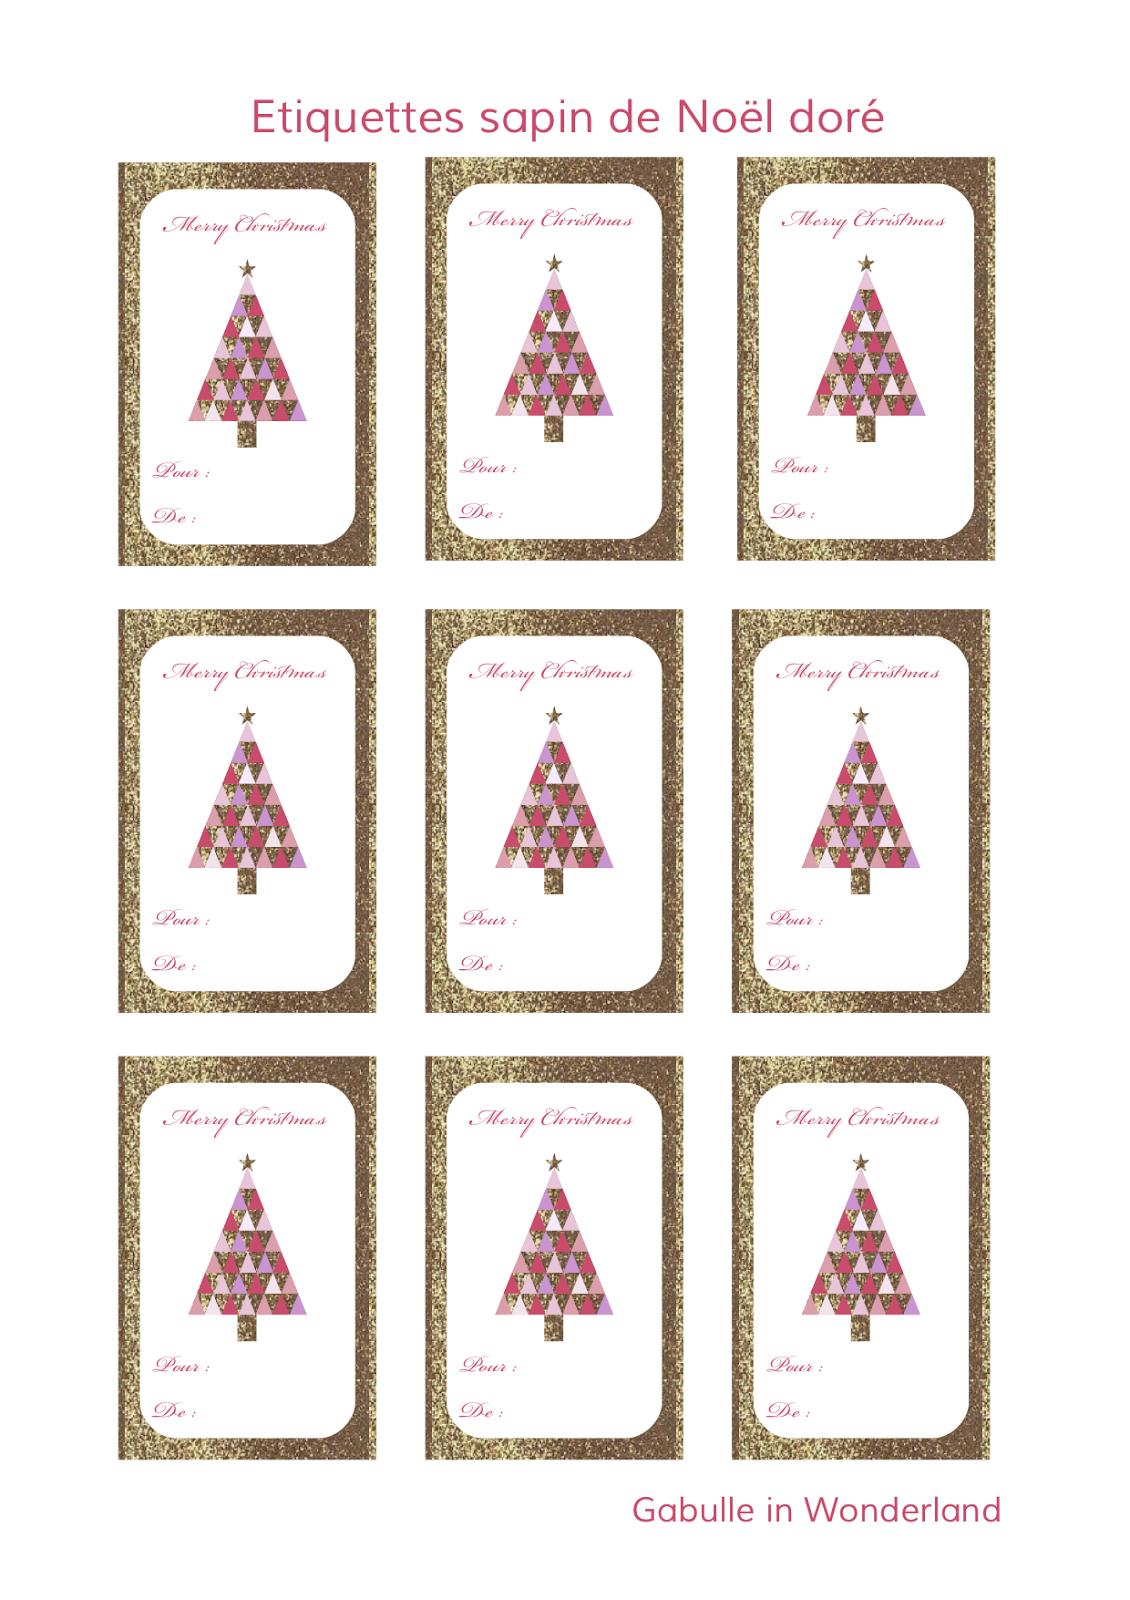 Gabulle In Wonderland: Etiquettes À Imprimer Pour Vos intérieur Etiquette Noel A Imprimer